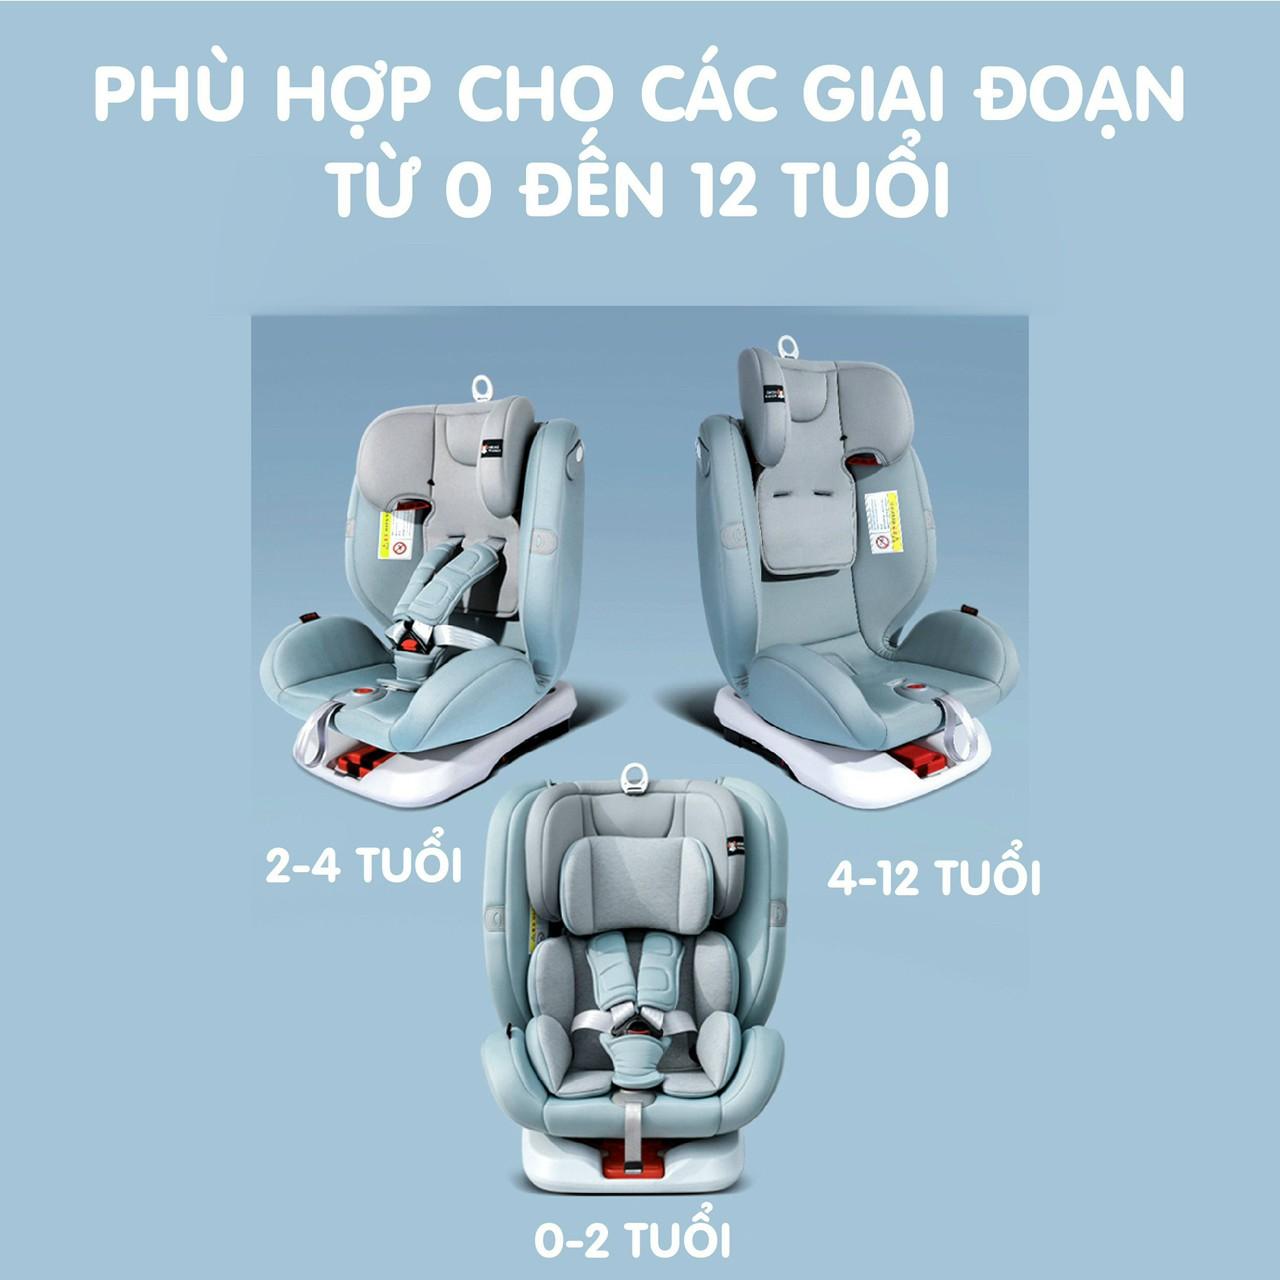 Ghế Carseat doux - ghế ô tô an toàn cho các gia đình và bé yêu đi du lịch